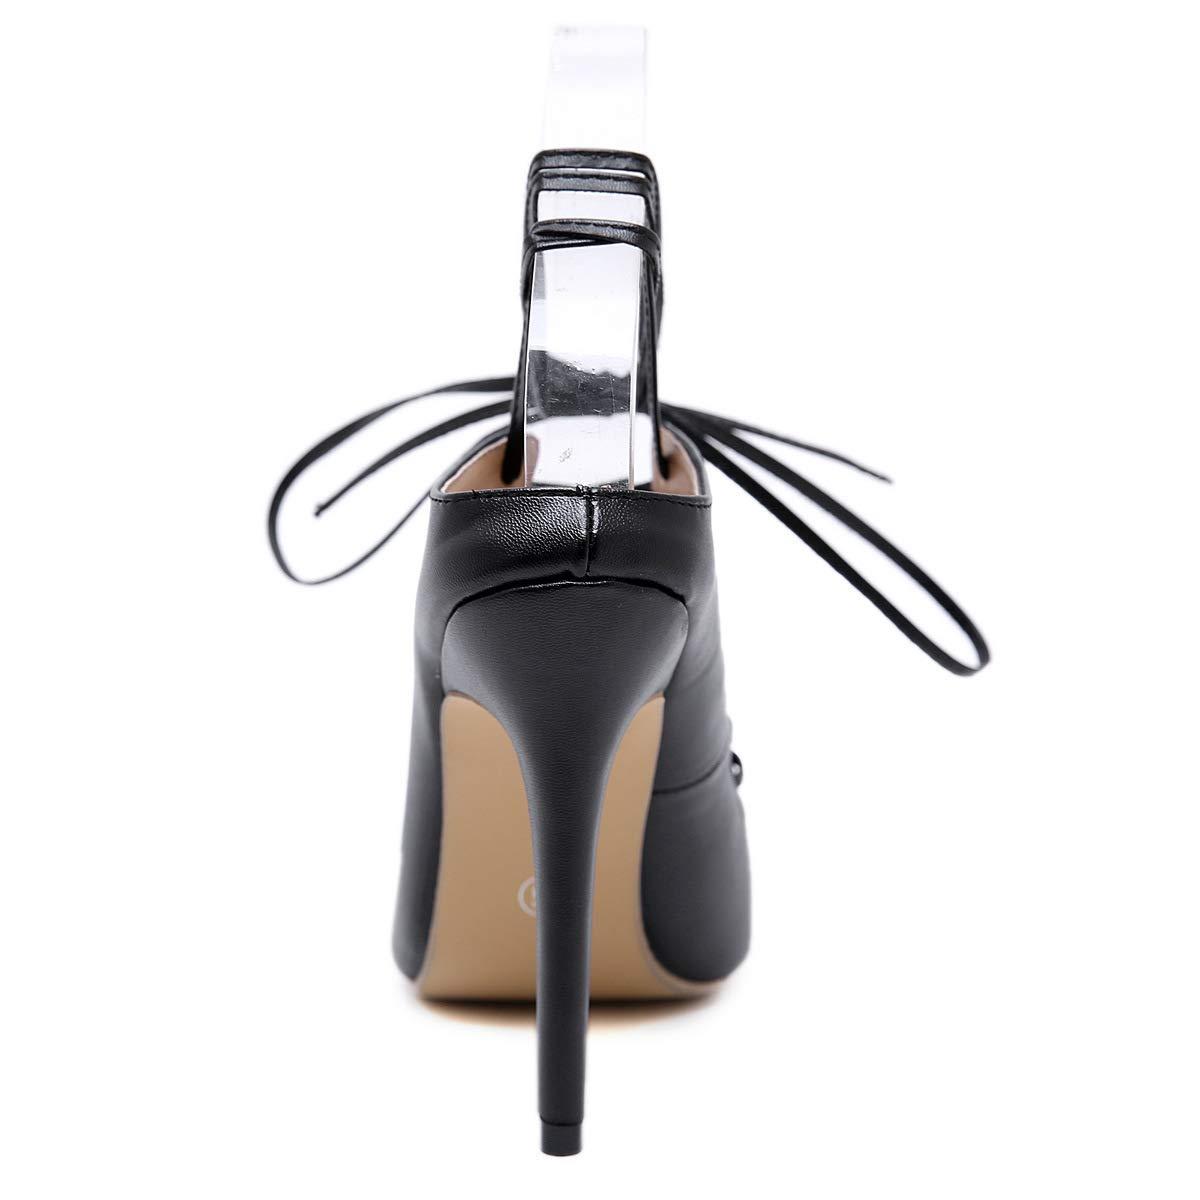 He-yanjing Sandali a a a Stiletto Donna, 2019 Nuovo Modo Versatile a Punta Europeo e Americano Cinghie Tacco Alto Sexy Ladies Sandali,nero,37 6d05b3